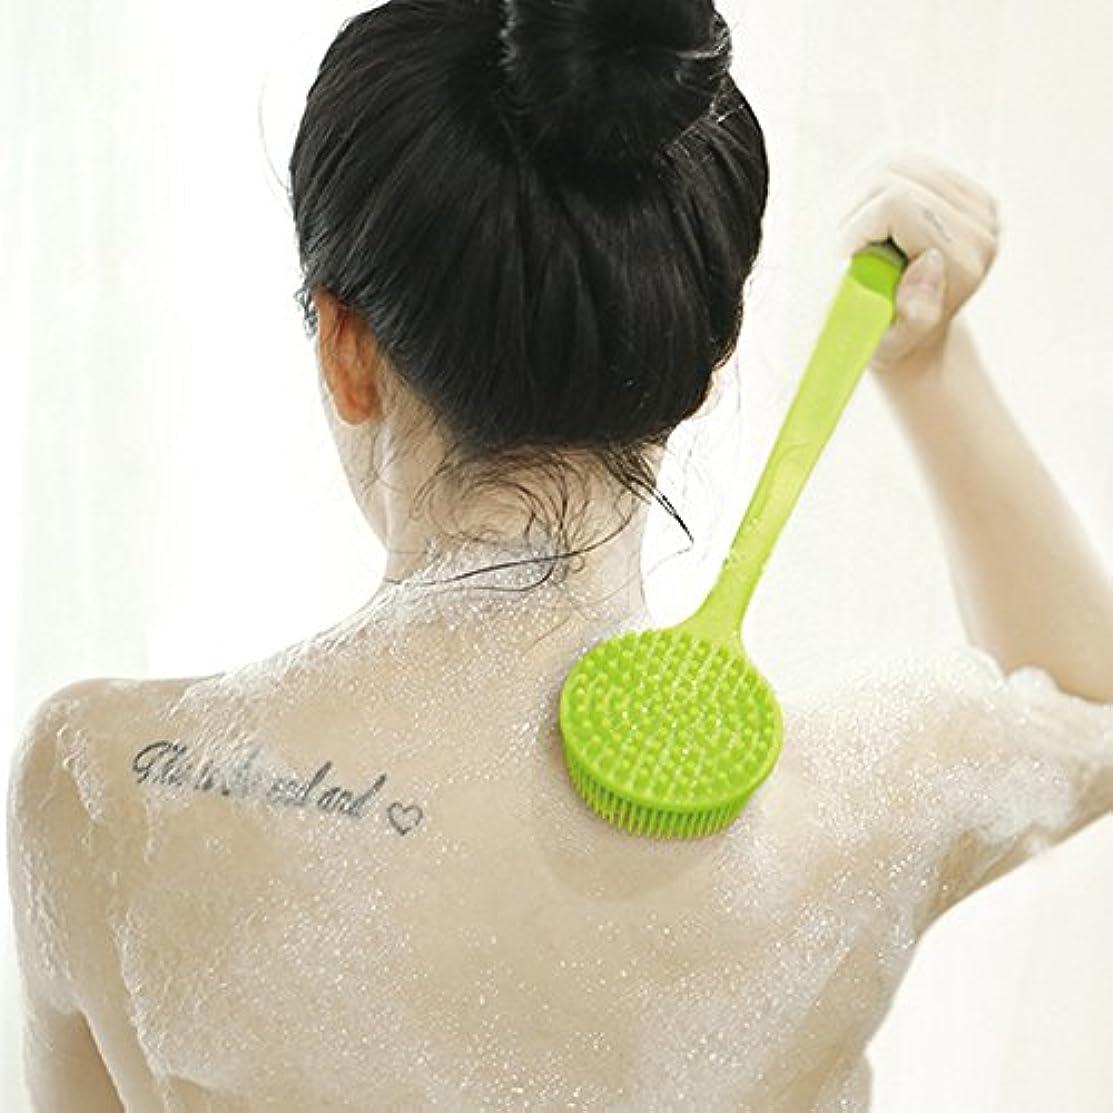 封建子供っぽい診療所ボディブラシ シャワーブラシ お風呂用 シリコン製 体洗い マッサージブラシ 毛穴洗浄 角質除去 多機能 柔らかい